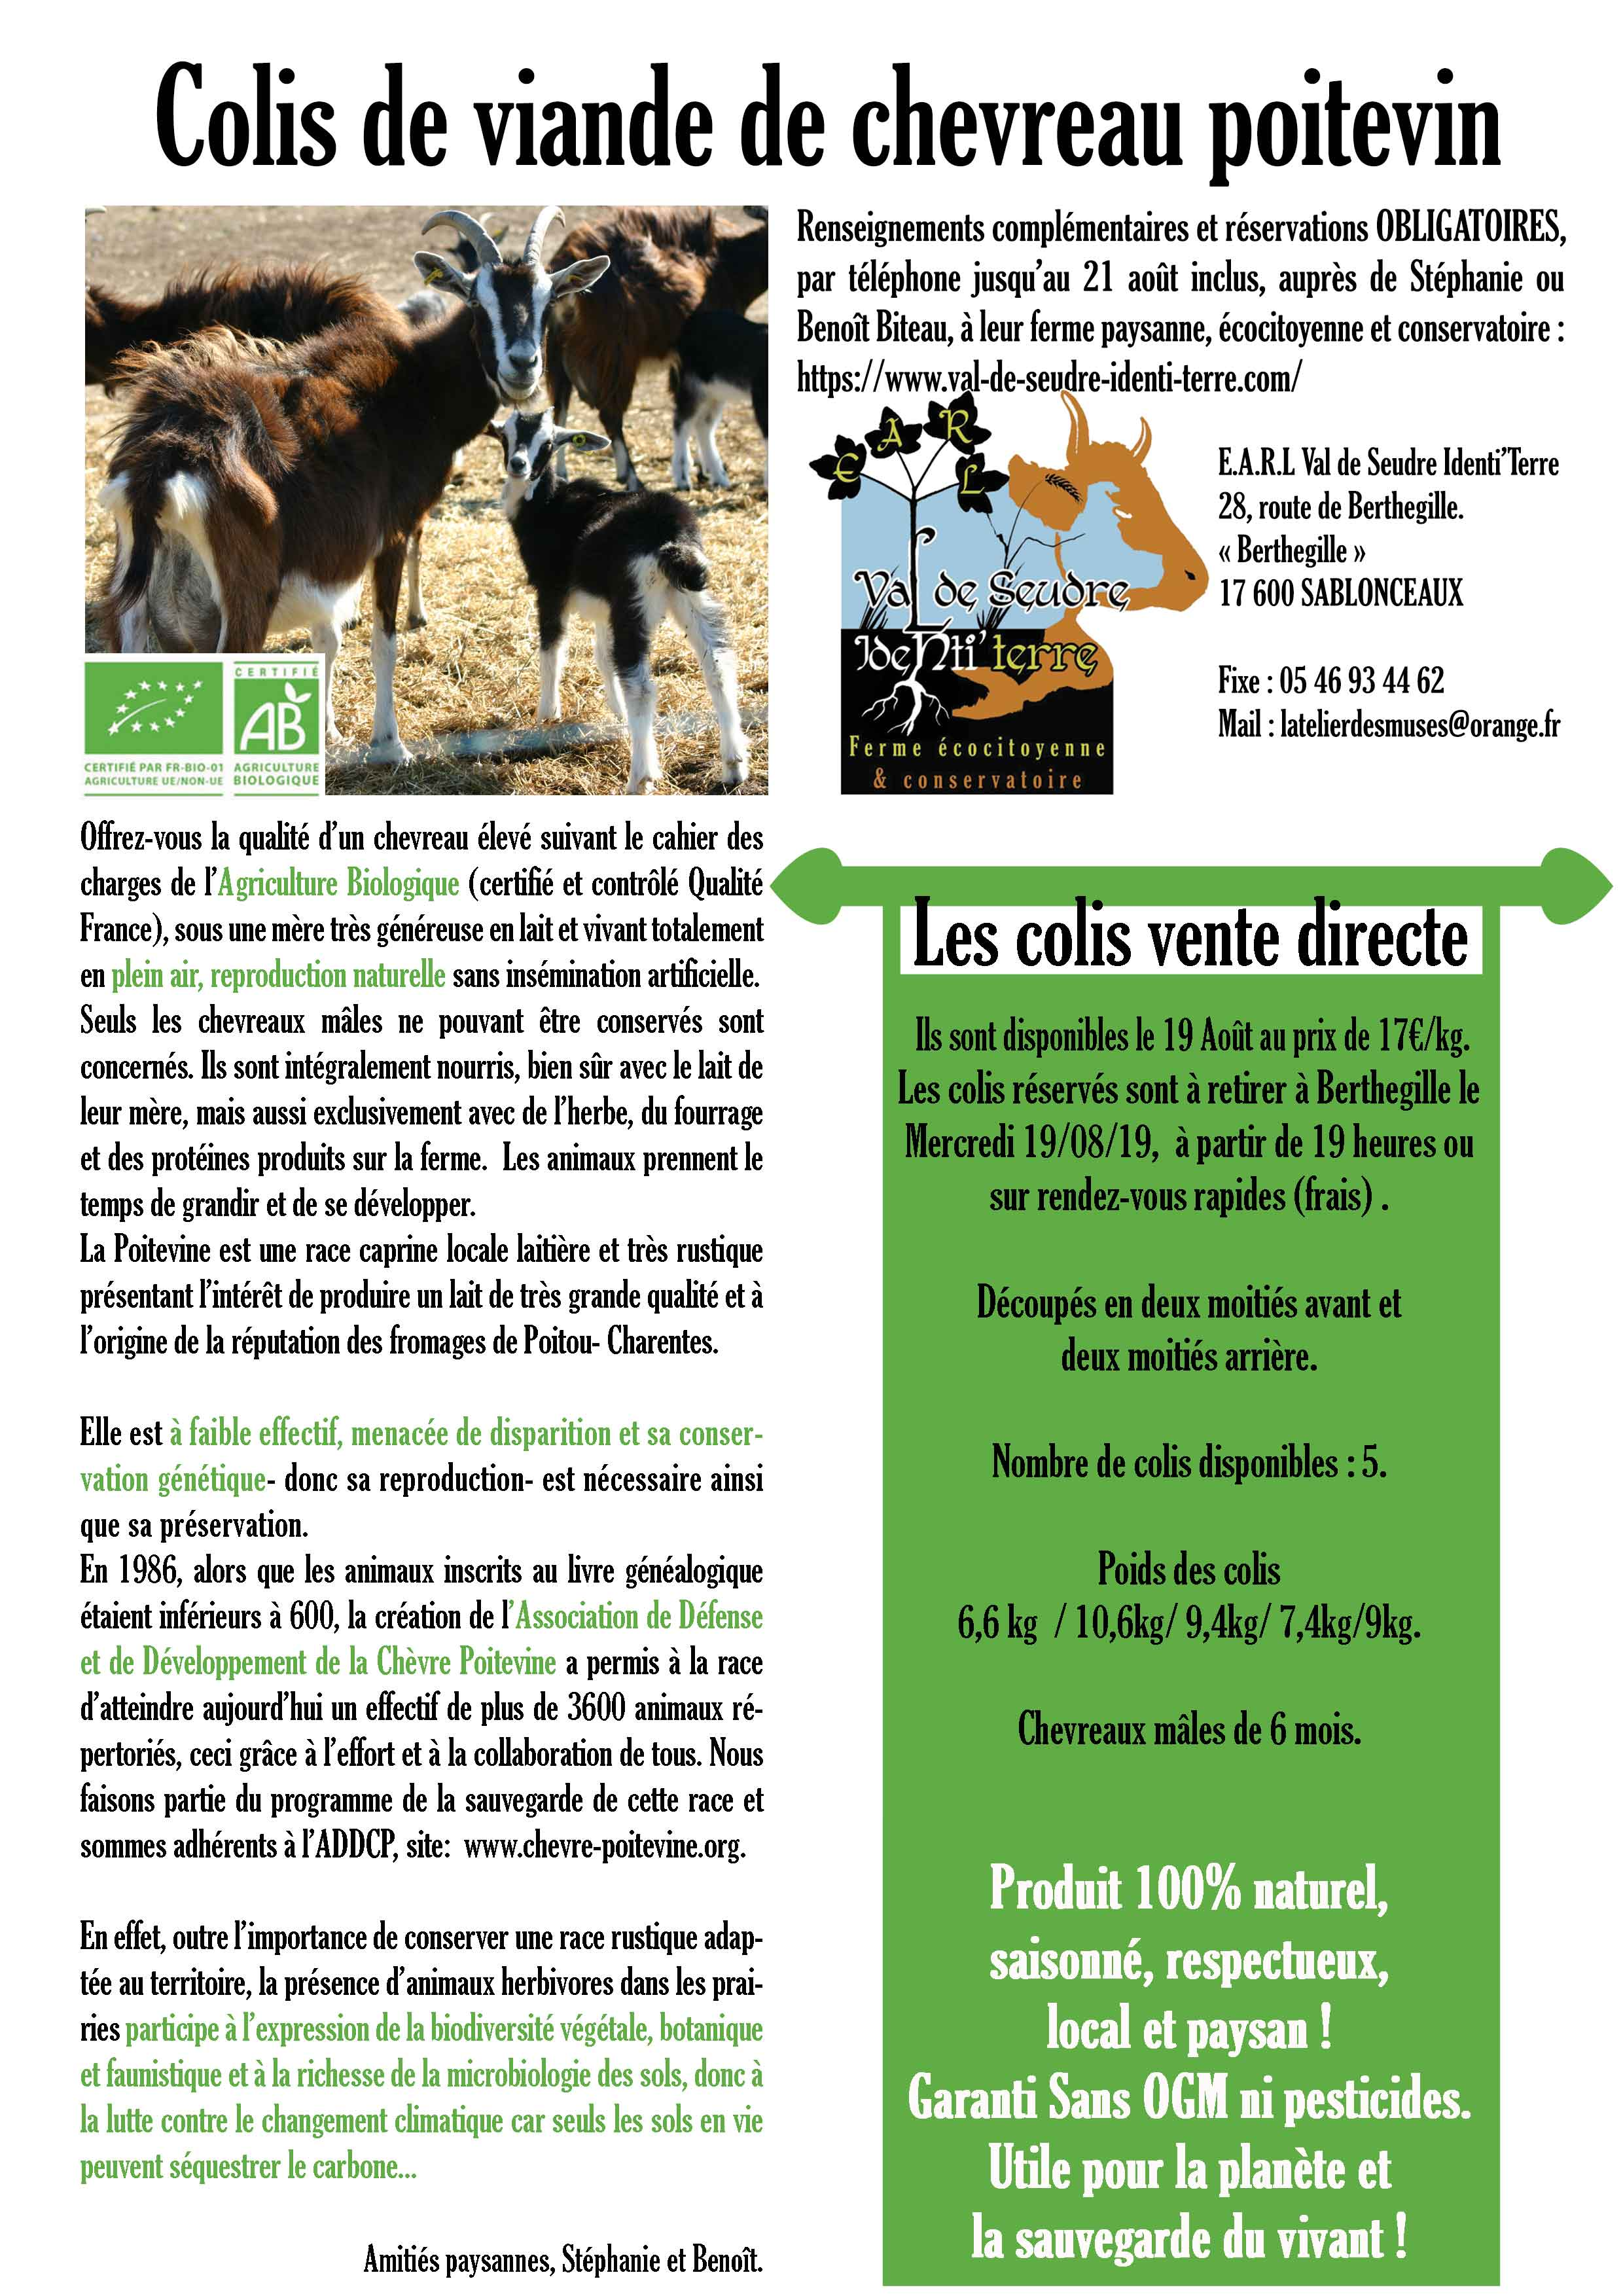 colis-chevreau-2020-.jpg